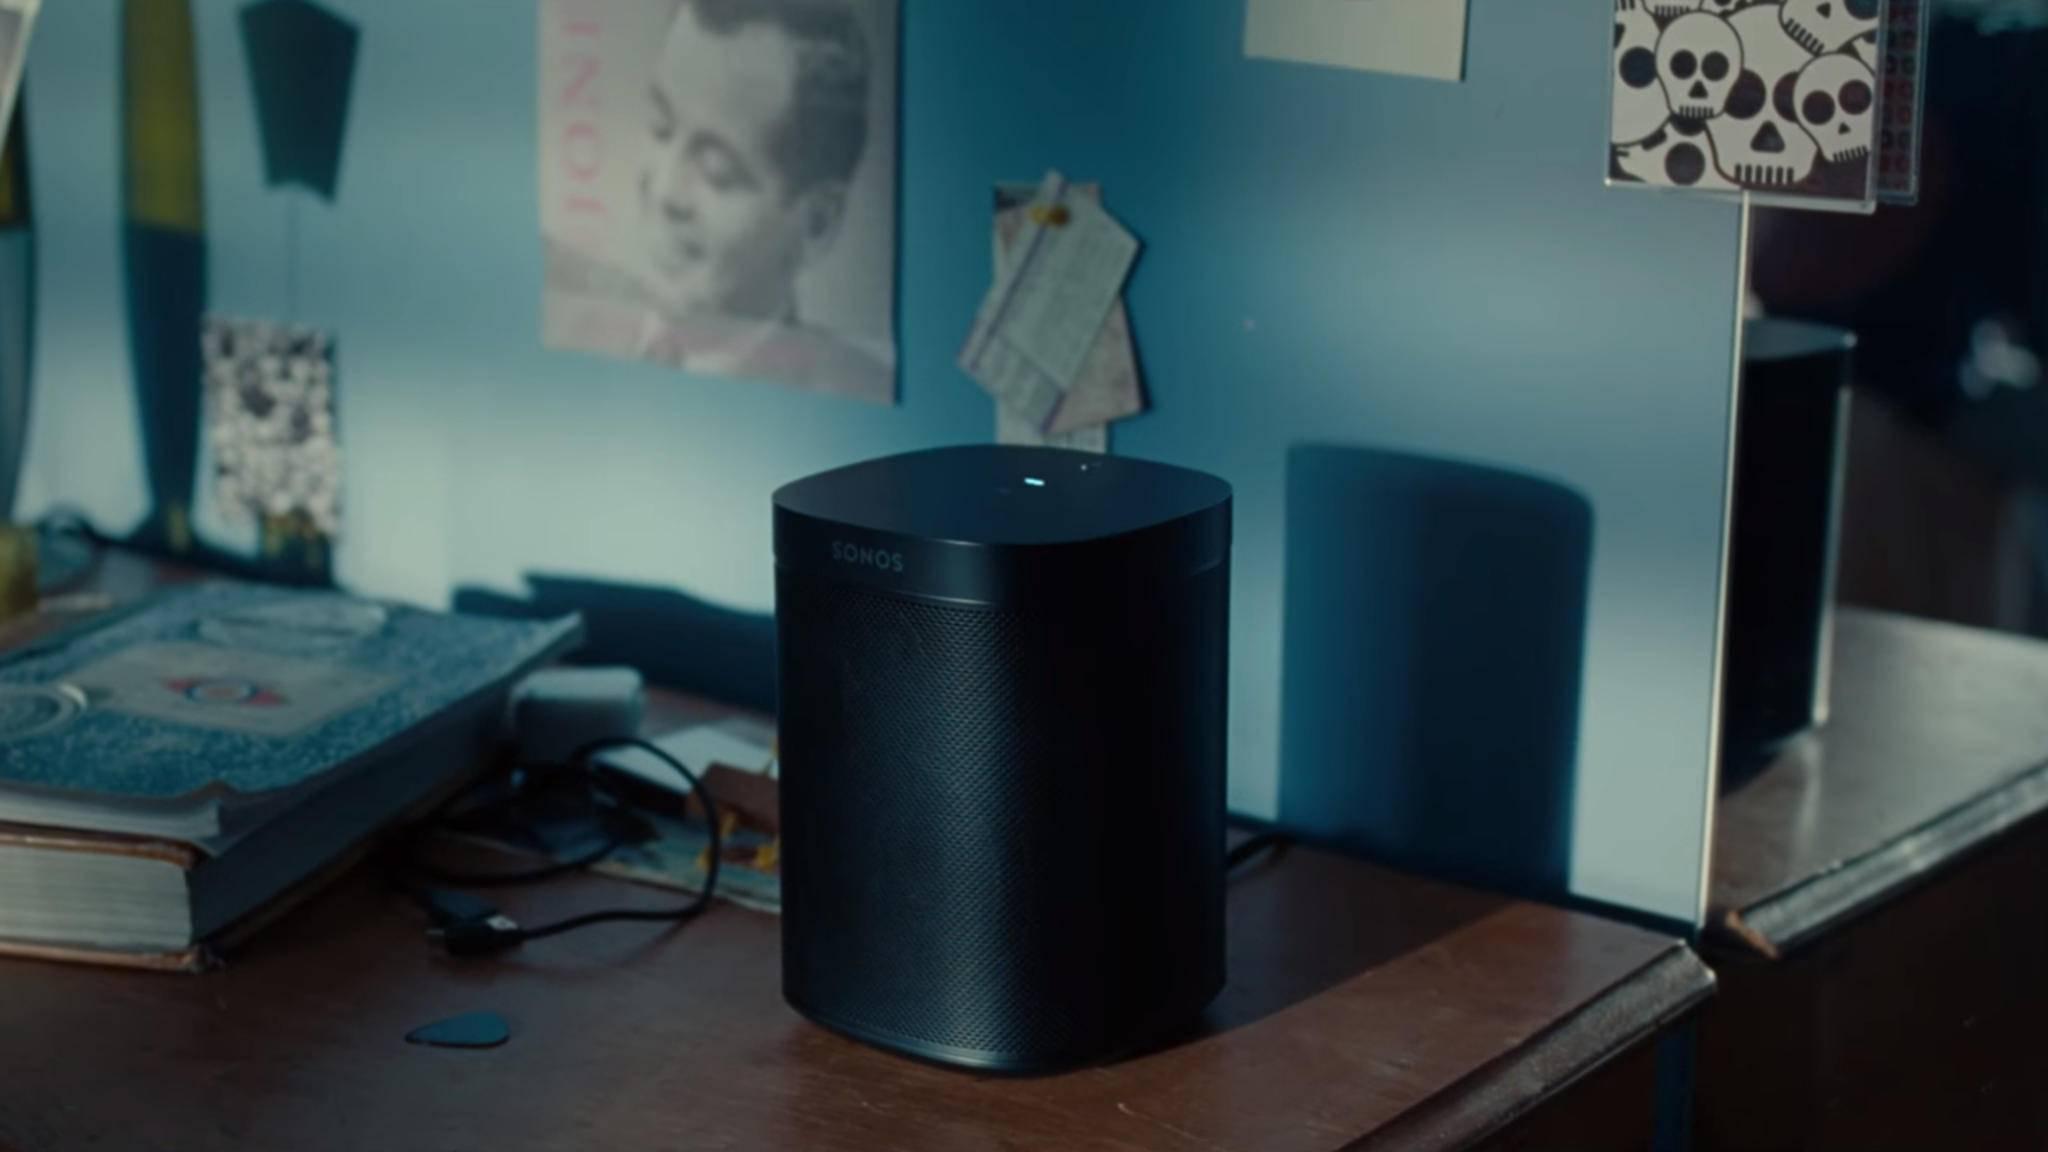 Ab Juli lassen sich Sonos One und Sonos Beam auch endlich mit dem Google Assistant steuern.